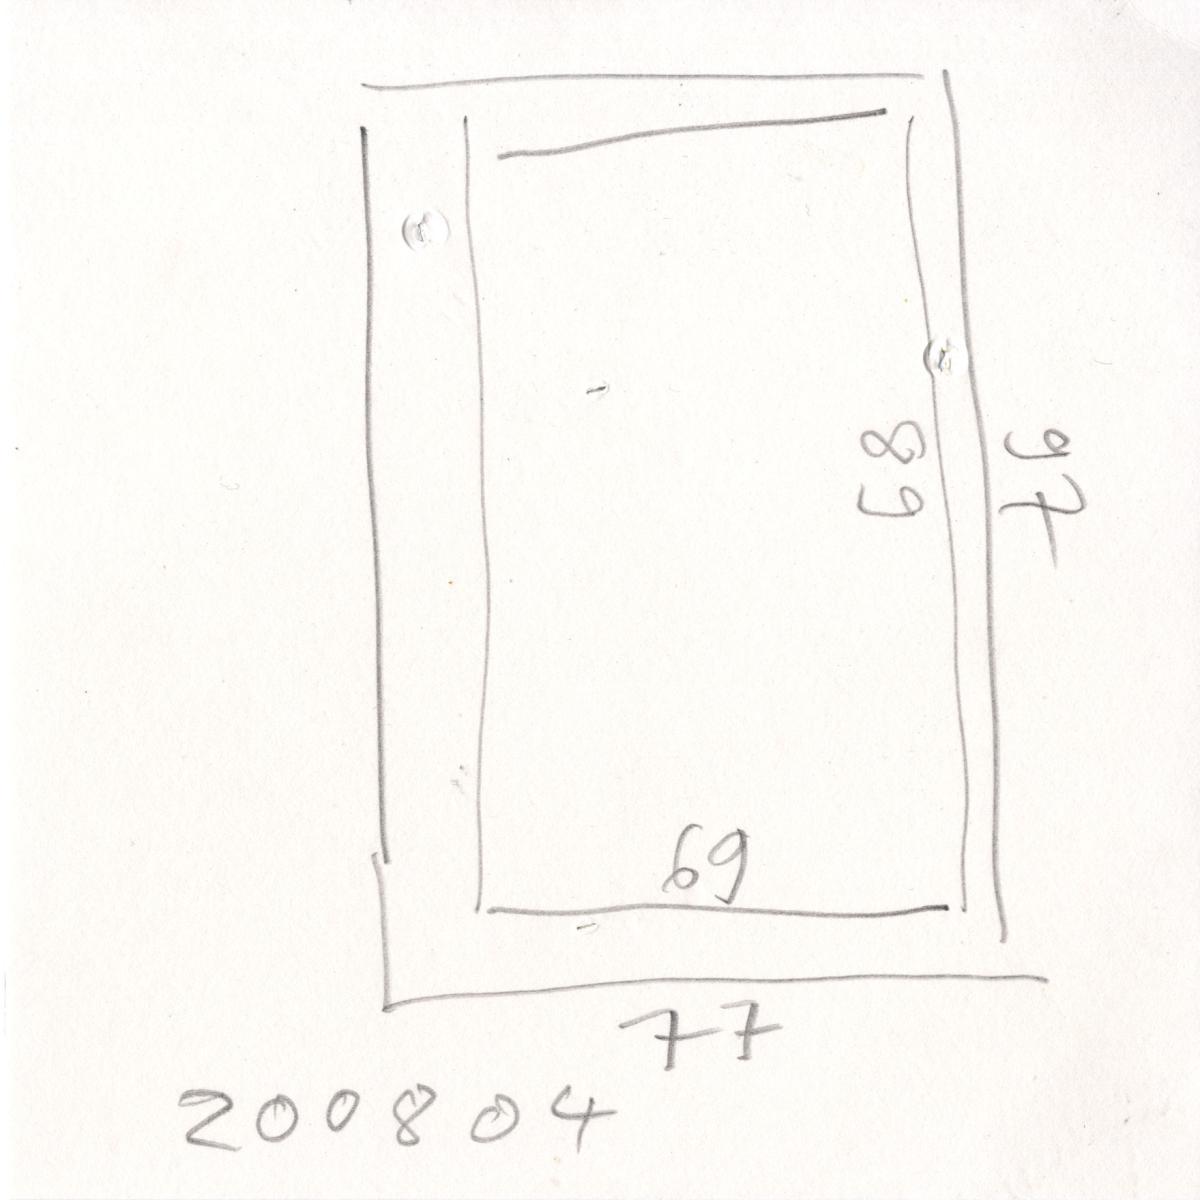 cdia_200804